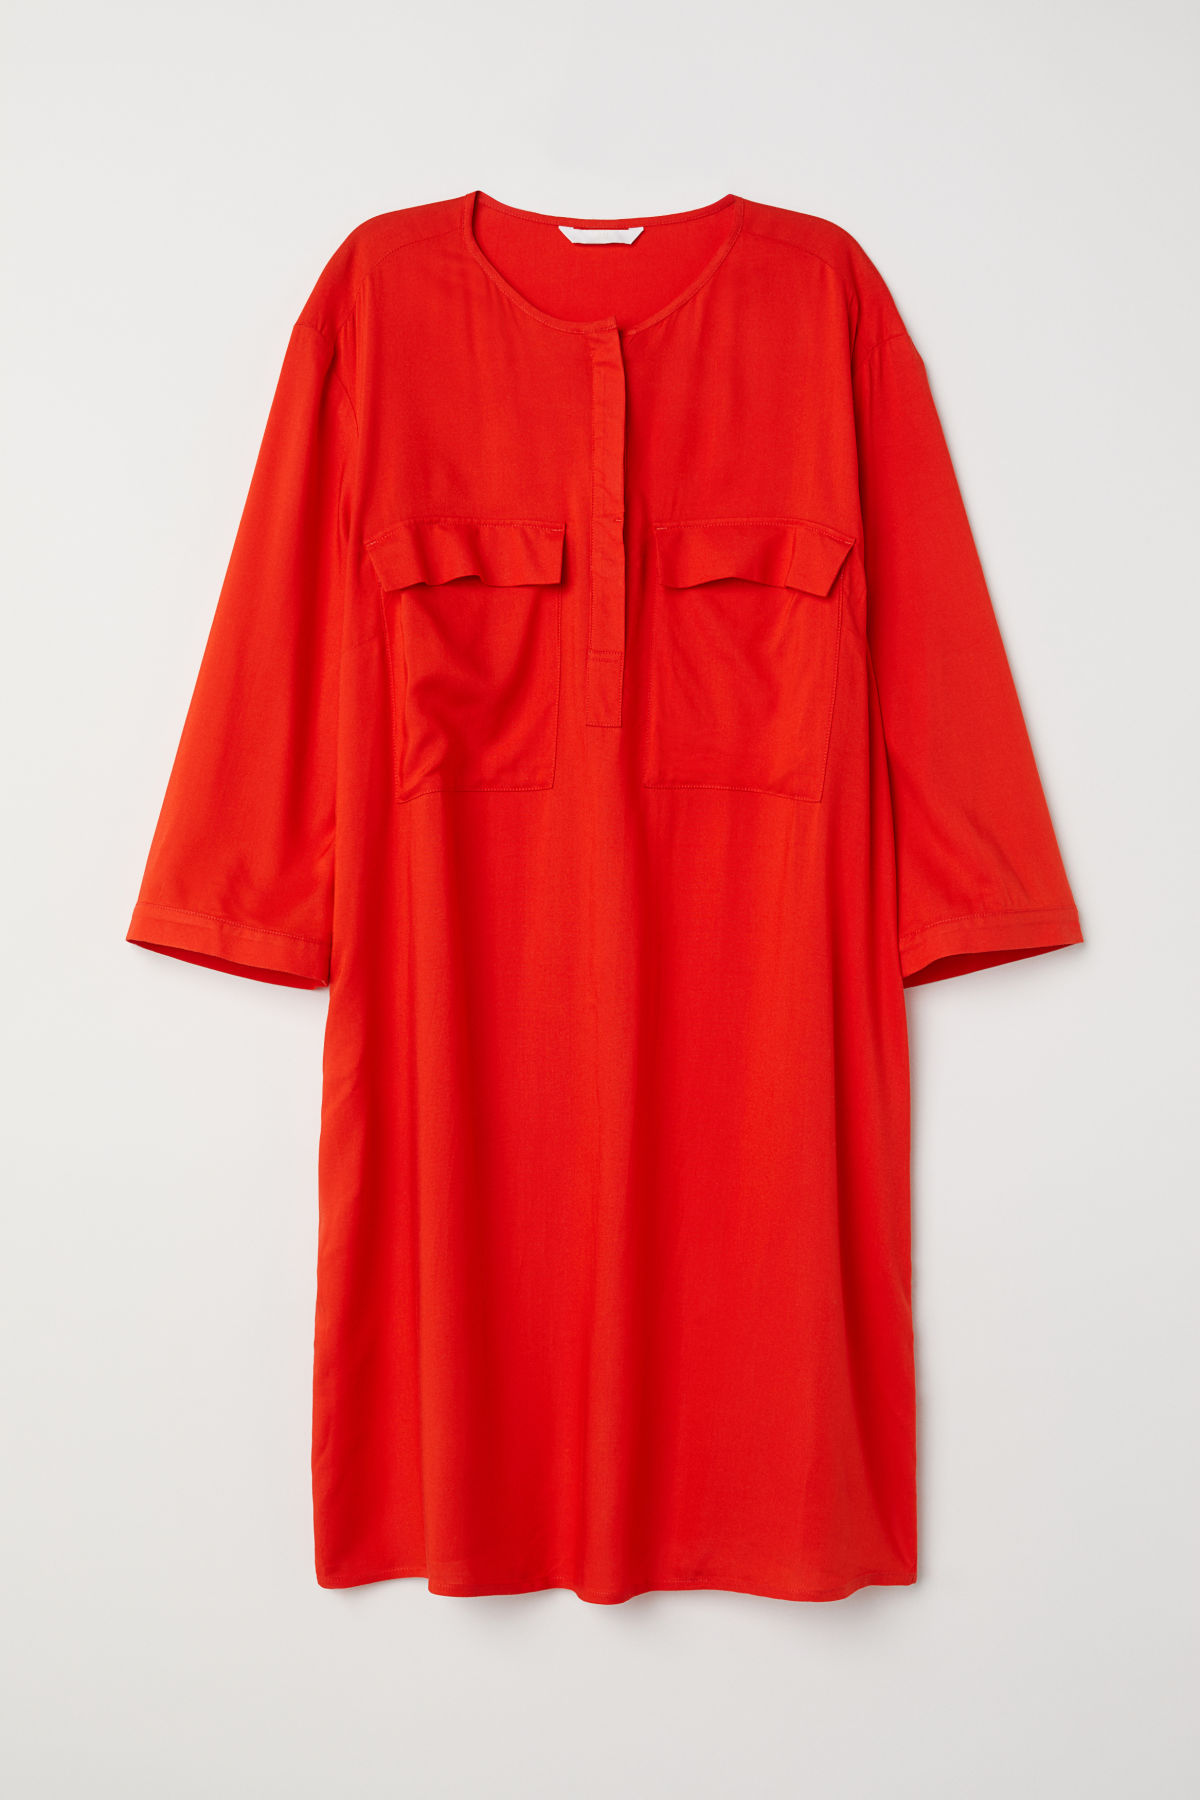 15 mẫu váy H&M tuyệt đẹp giá dưới 1 triệu cho bạn thỏa sức diện đầu hè